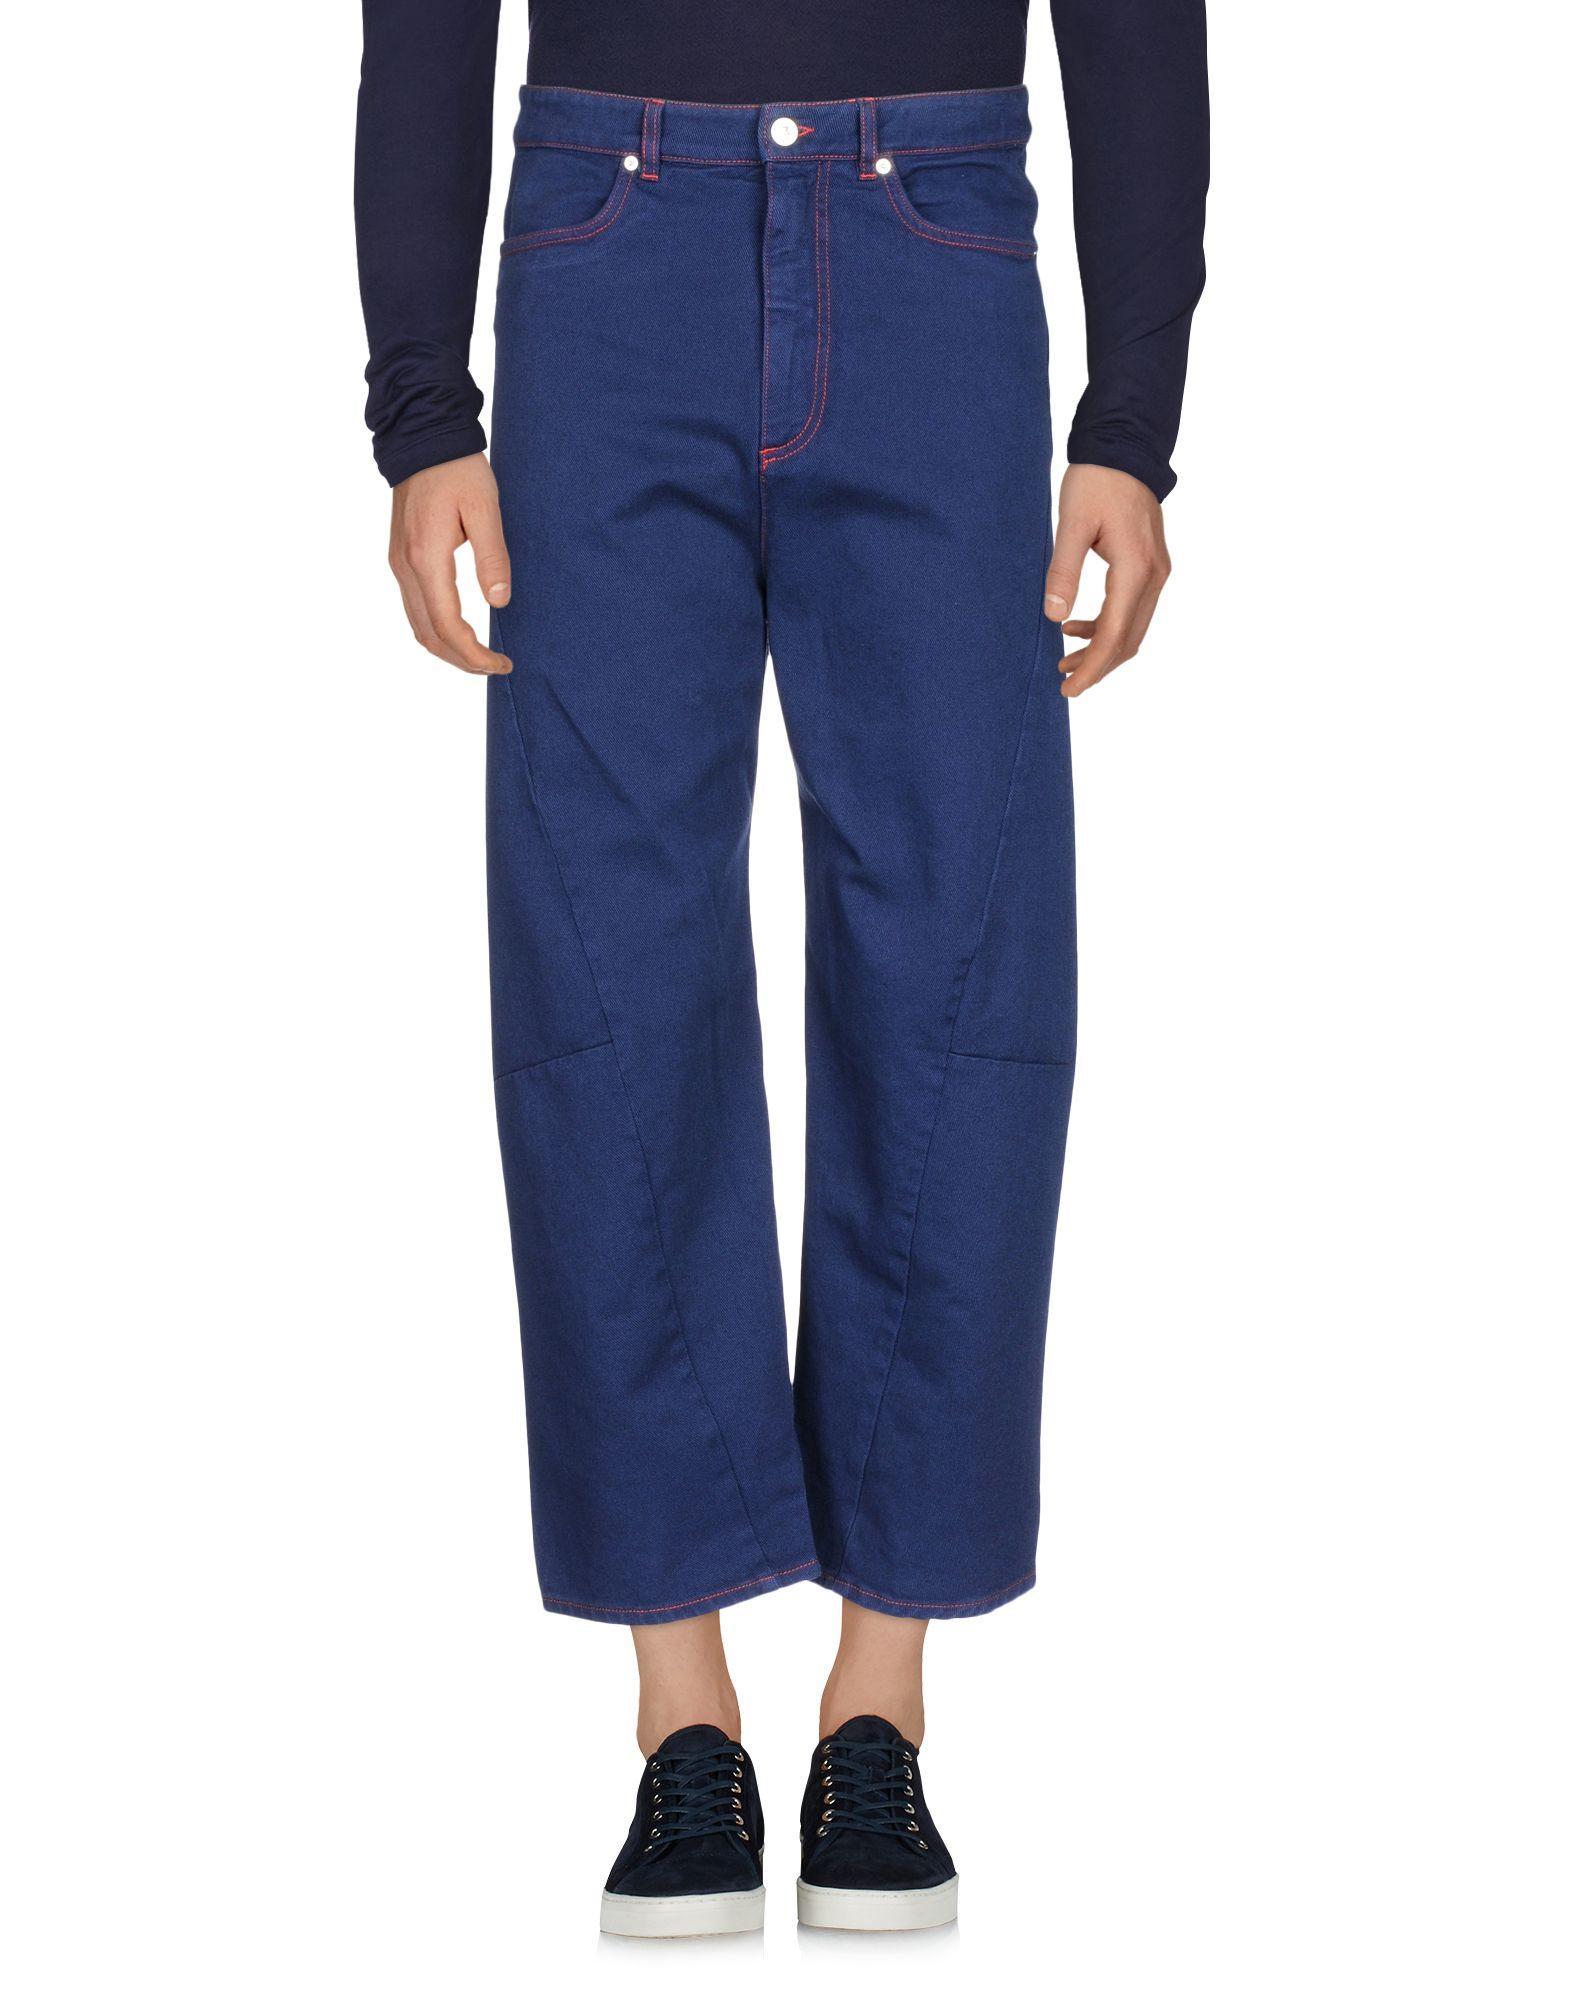 406b3e3f5 Jeans in Dark Blue